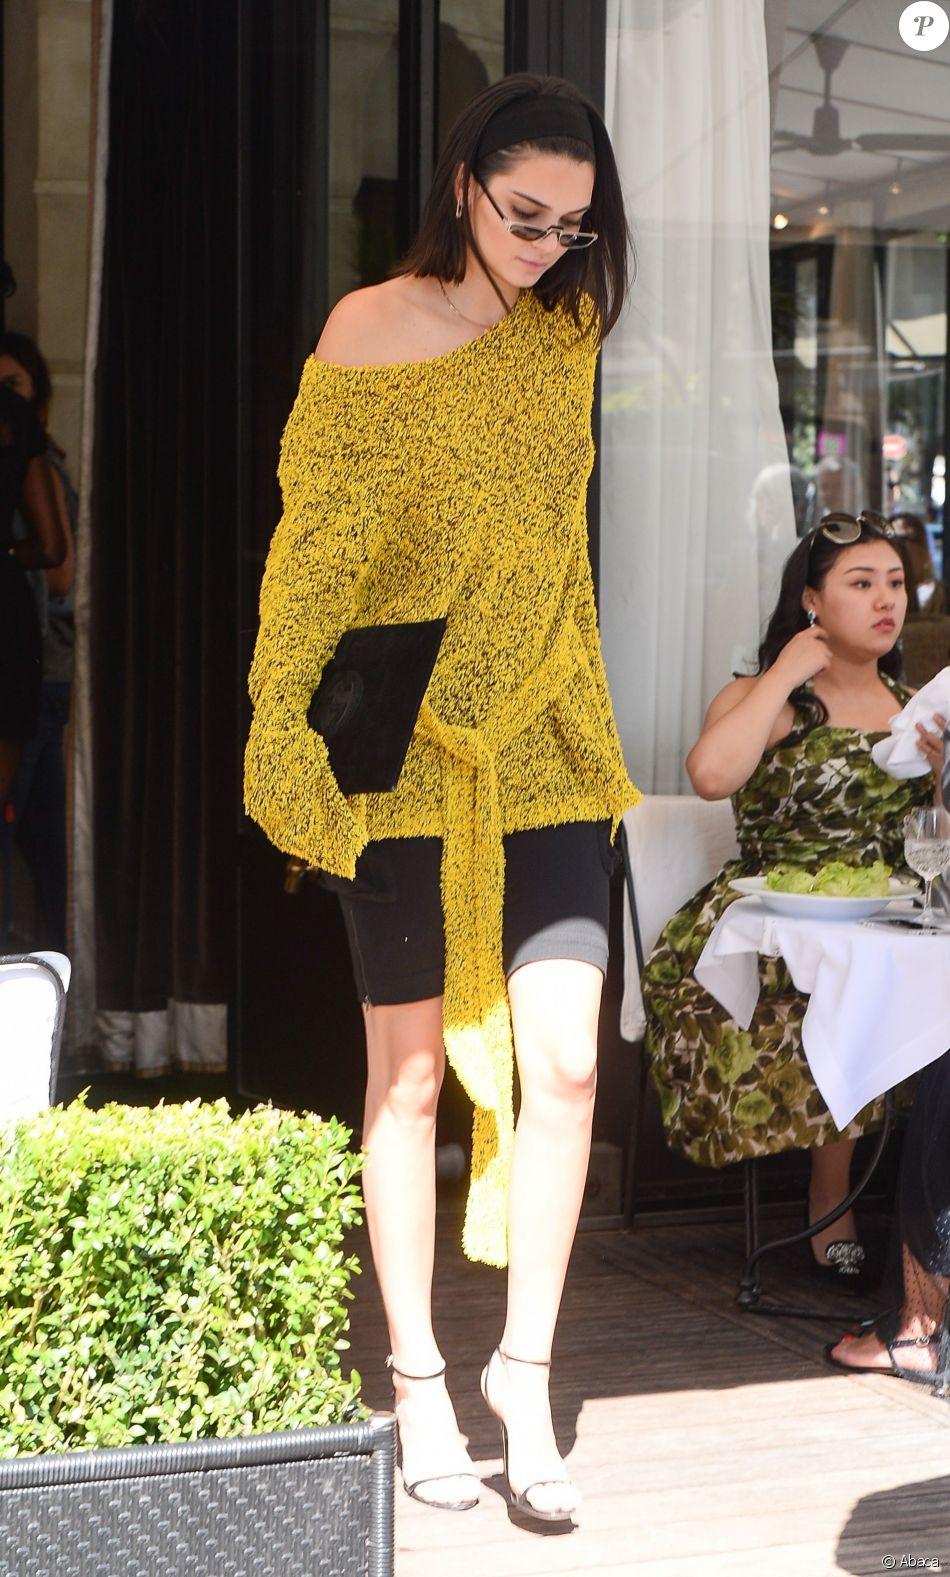 cd5956533631db Kendall Jenner quitte le restaurant L'Avenue, habillée d'un pull ...